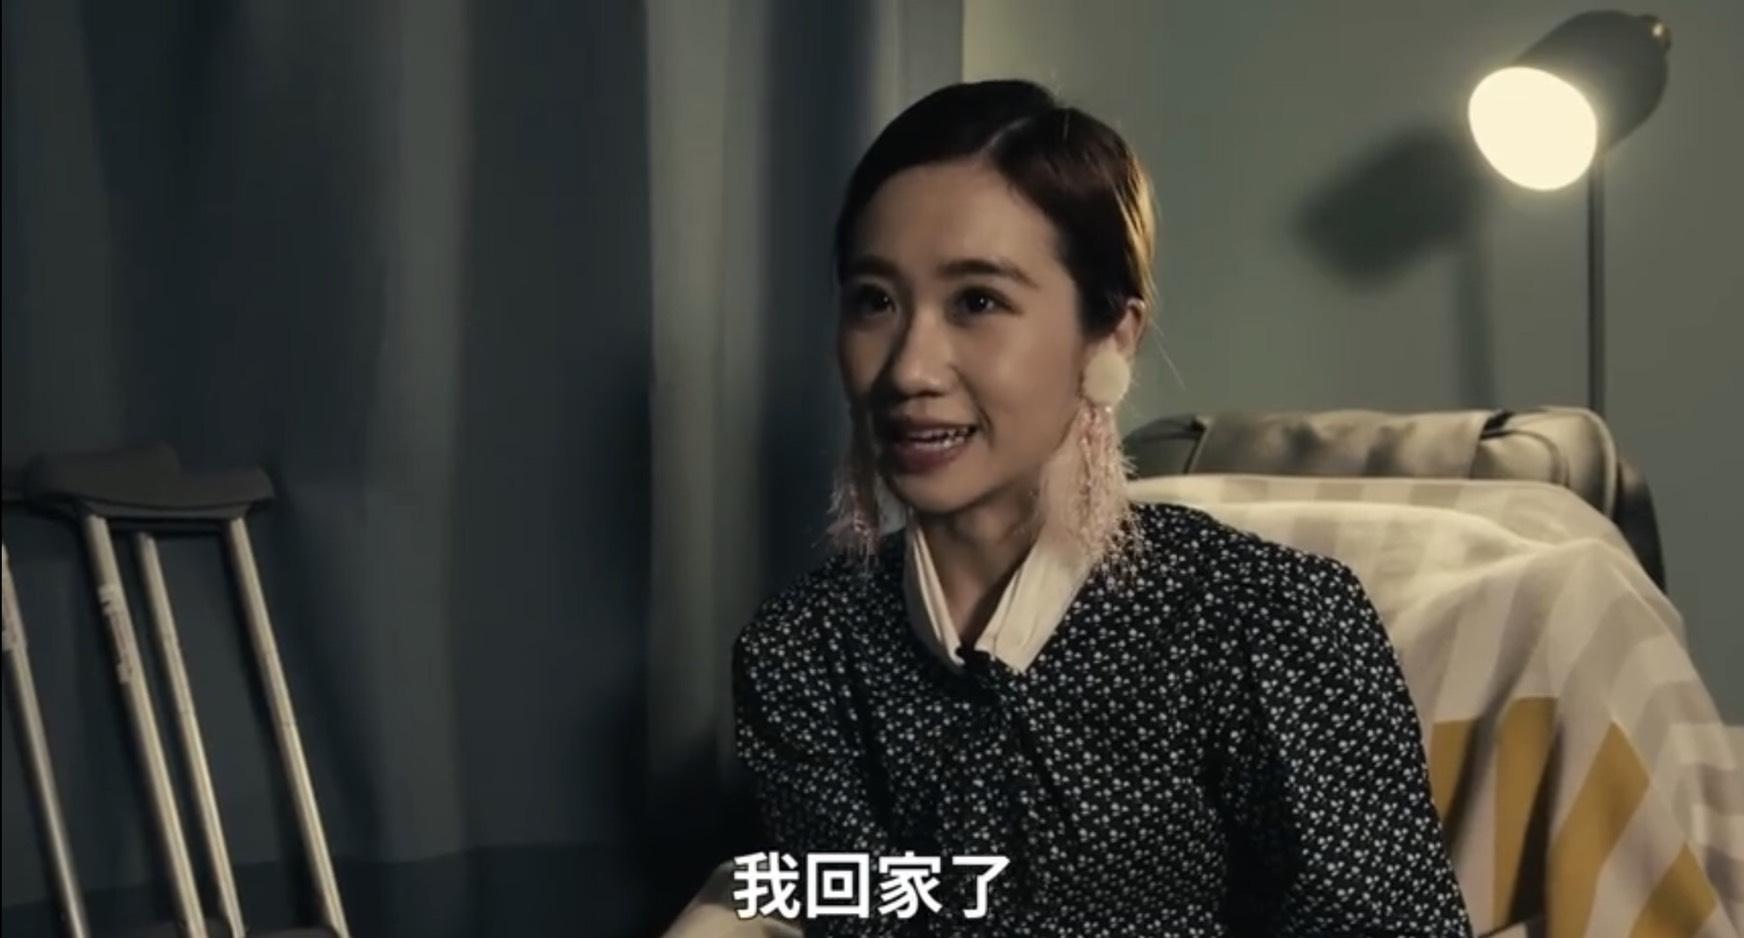 秀臉書回顧!Lulu「小綠綠」陳年舊照出土 網:校花等級